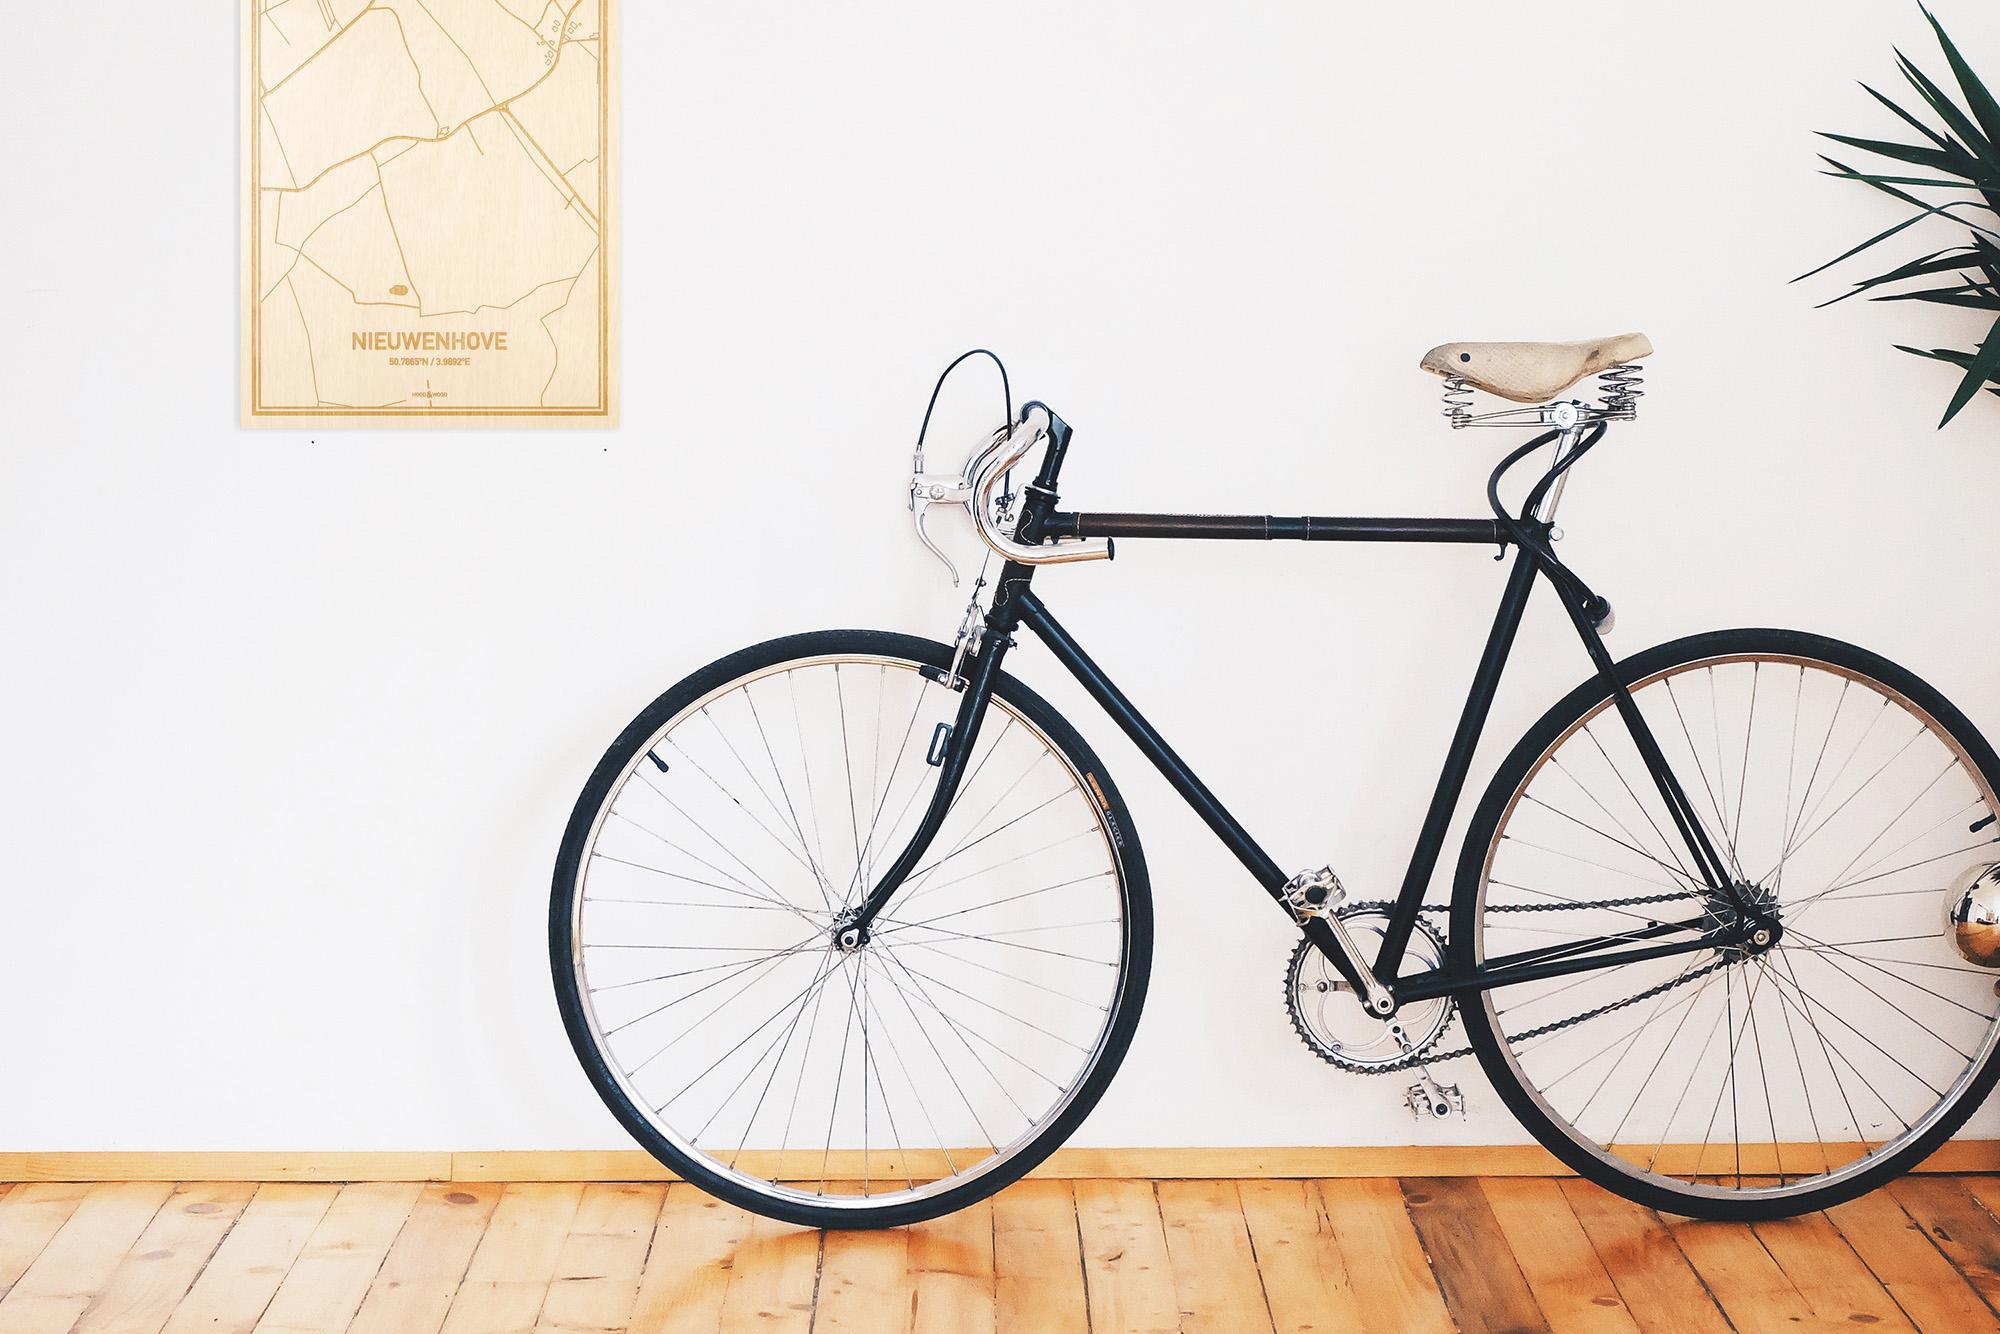 Een snelle fiets in een uniek interieur in Oost-Vlaanderen  met mooie decoratie zoals de plattegrond Nieuwenhove.